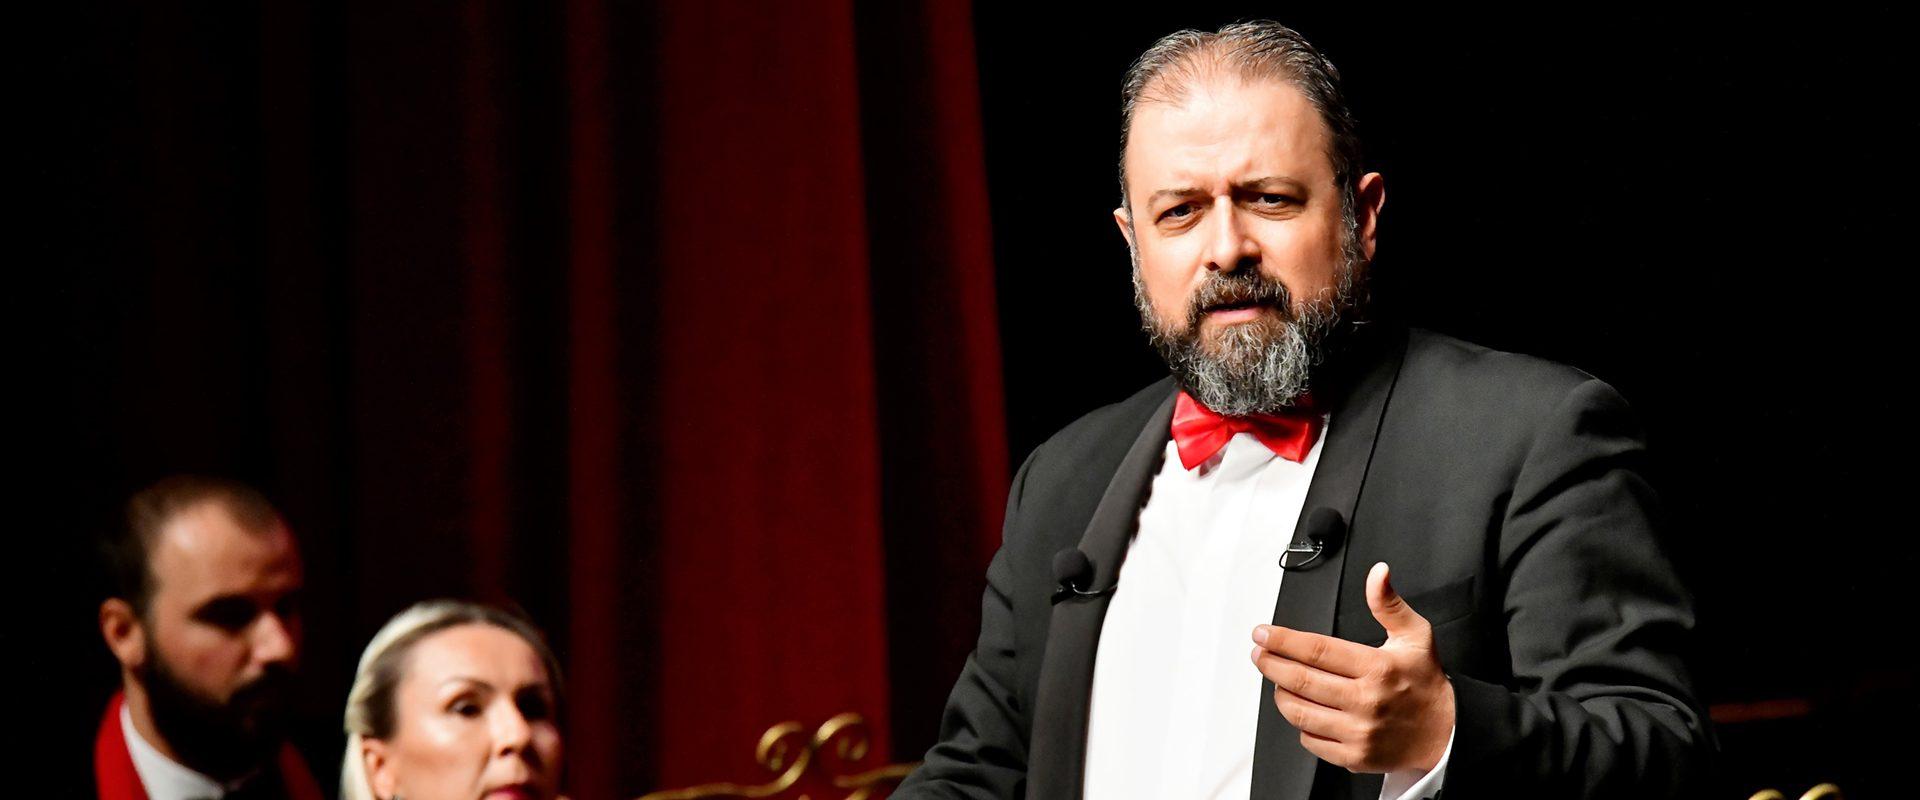 19'dan Çok Önce, 23'ten Sonsuza – Senfonik Destan (Ankara – Başkent Üniversitesi)